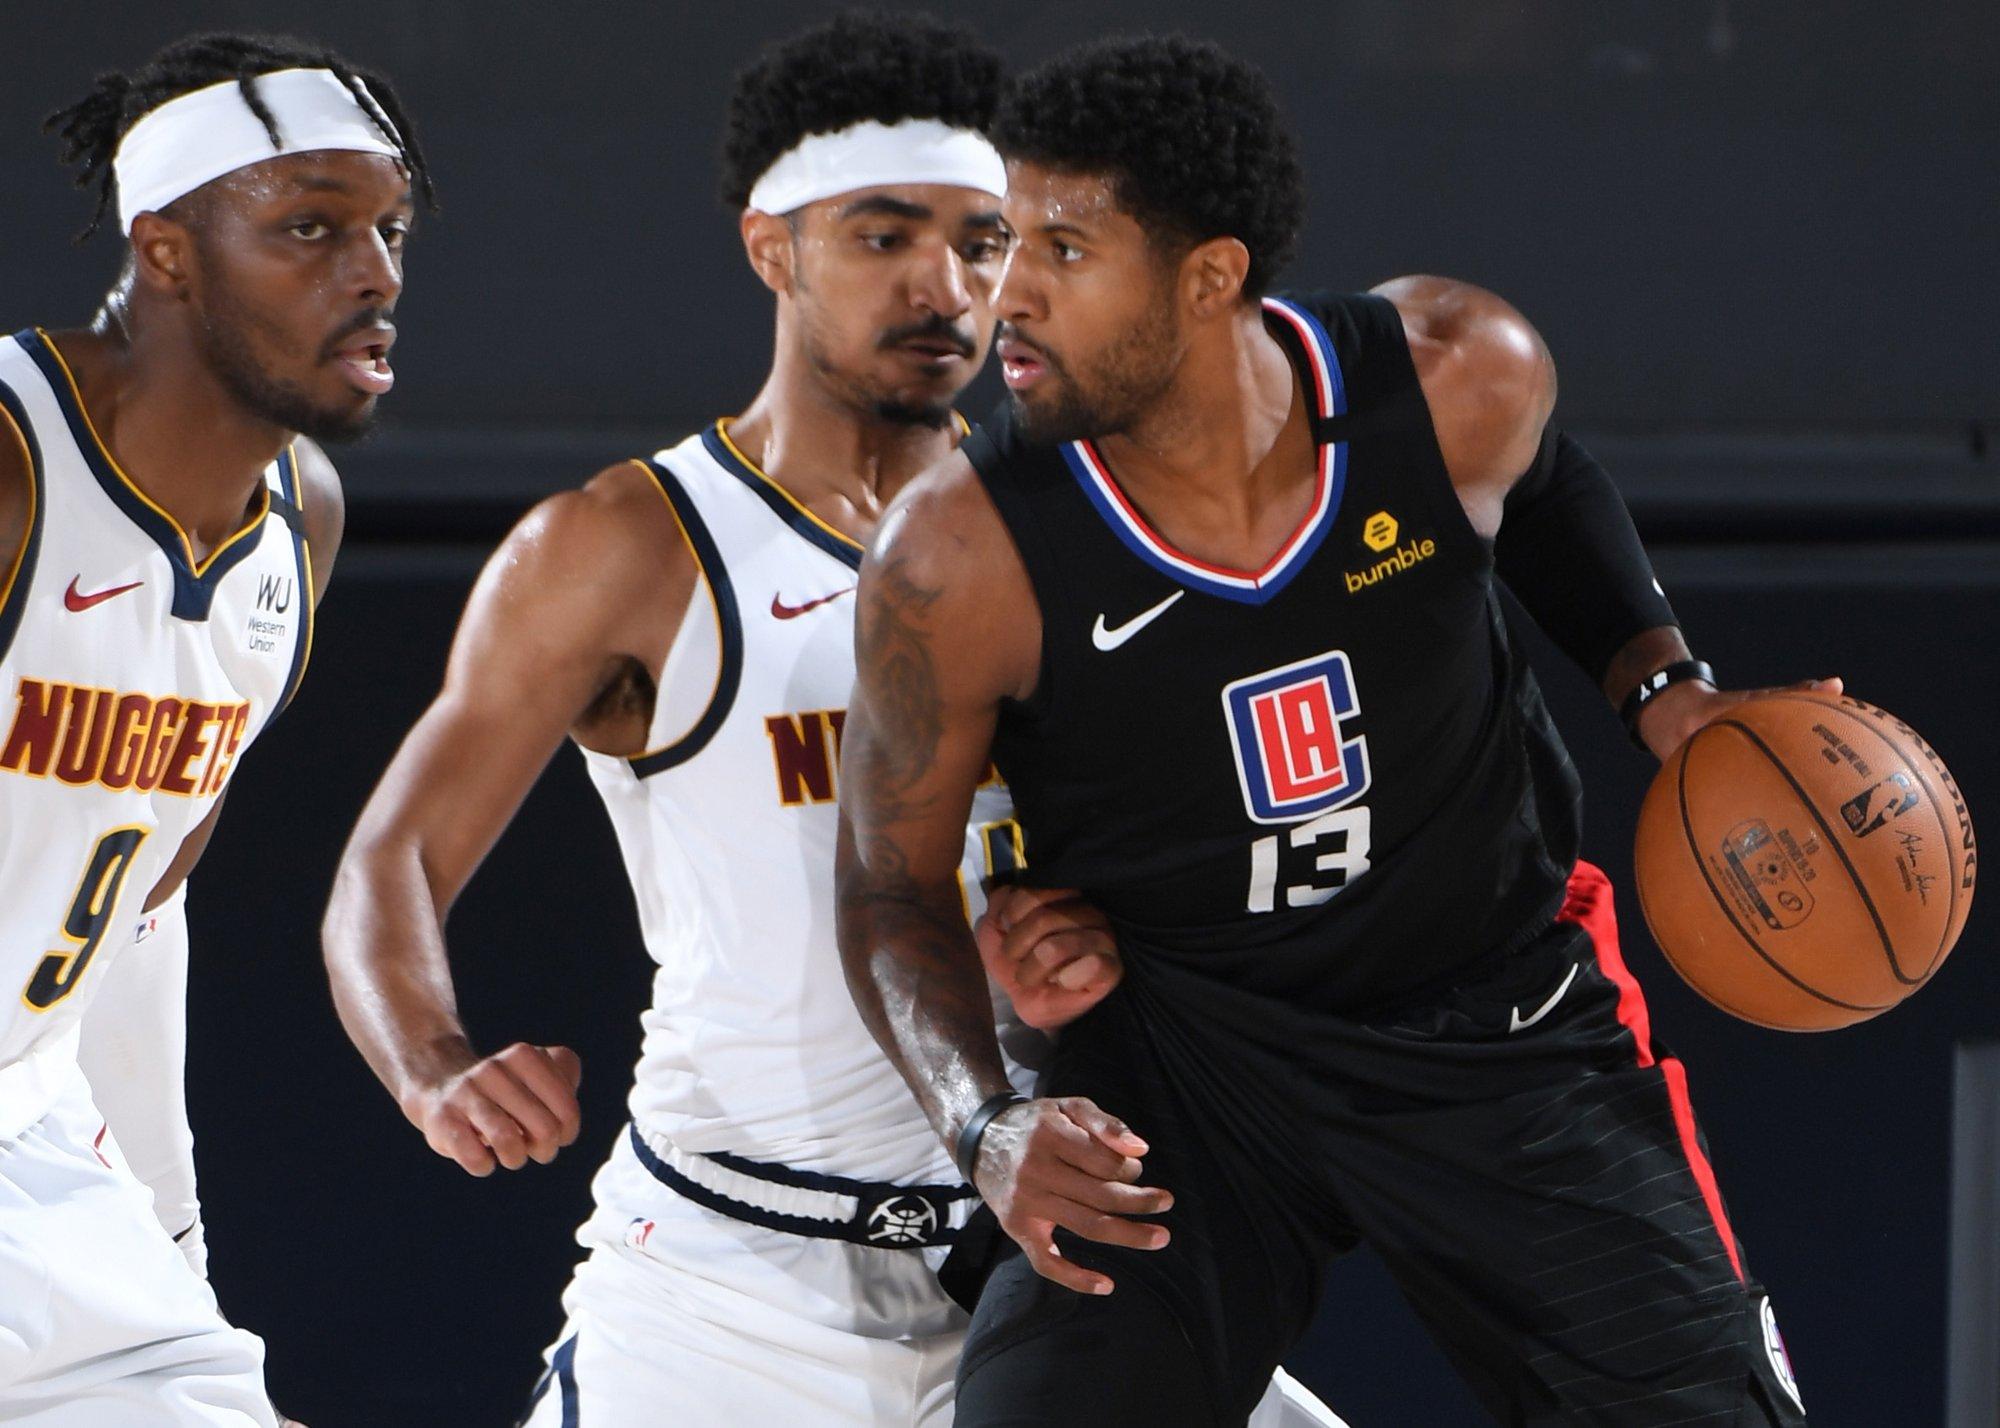 需要被重新審視的不止老河流,Leonard末節0分,歷史地位將大打折扣!-黑特籃球-NBA新聞影音圖片分享社區